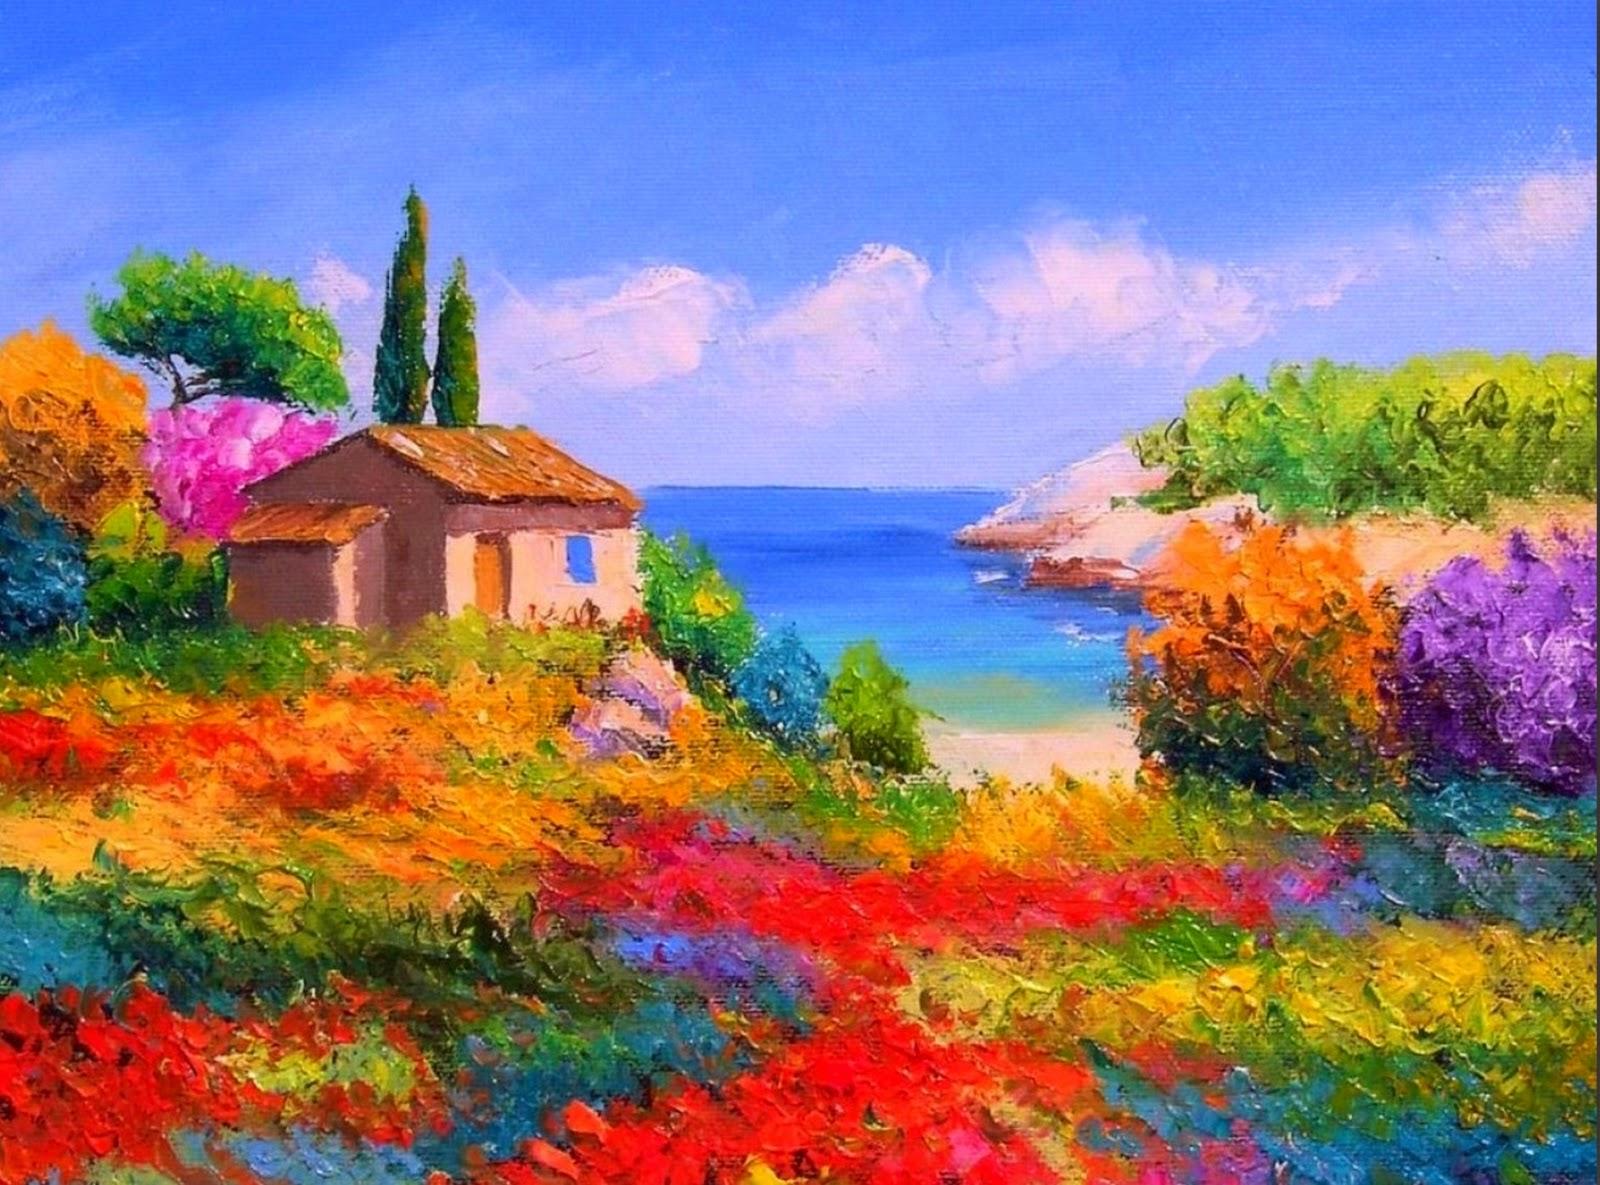 paisajes-con-flores-pintados-con-espatula